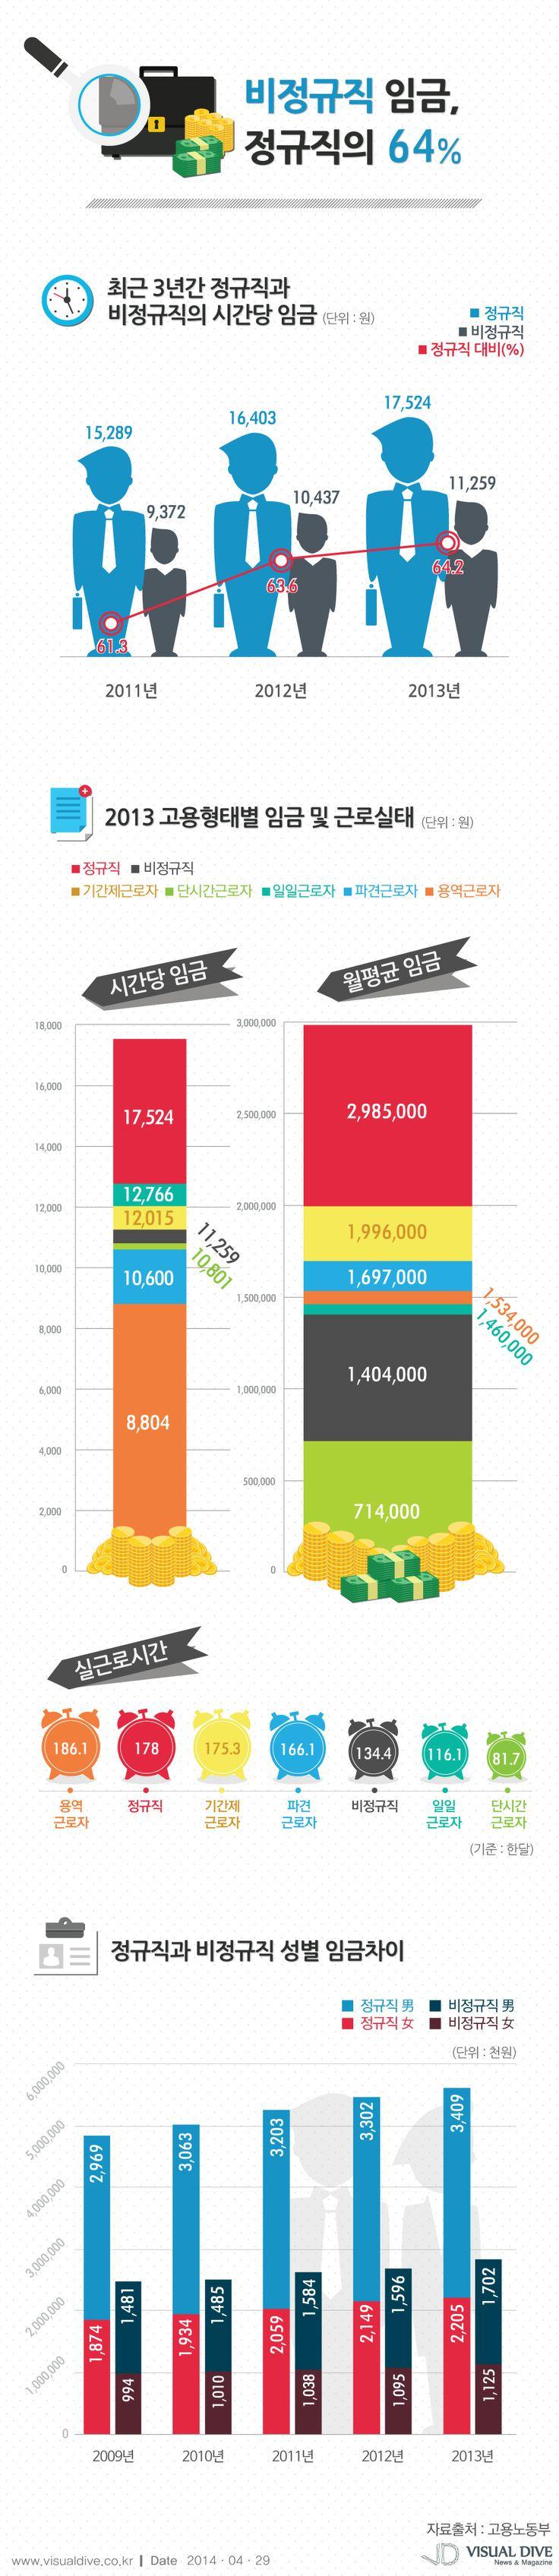 비정규직 시간당 임금 11,259원, 정규직의 64.2% [인포그래픽] #job  #Infographic ⓒ 비주얼다이브 무단 복사·전재·재배포